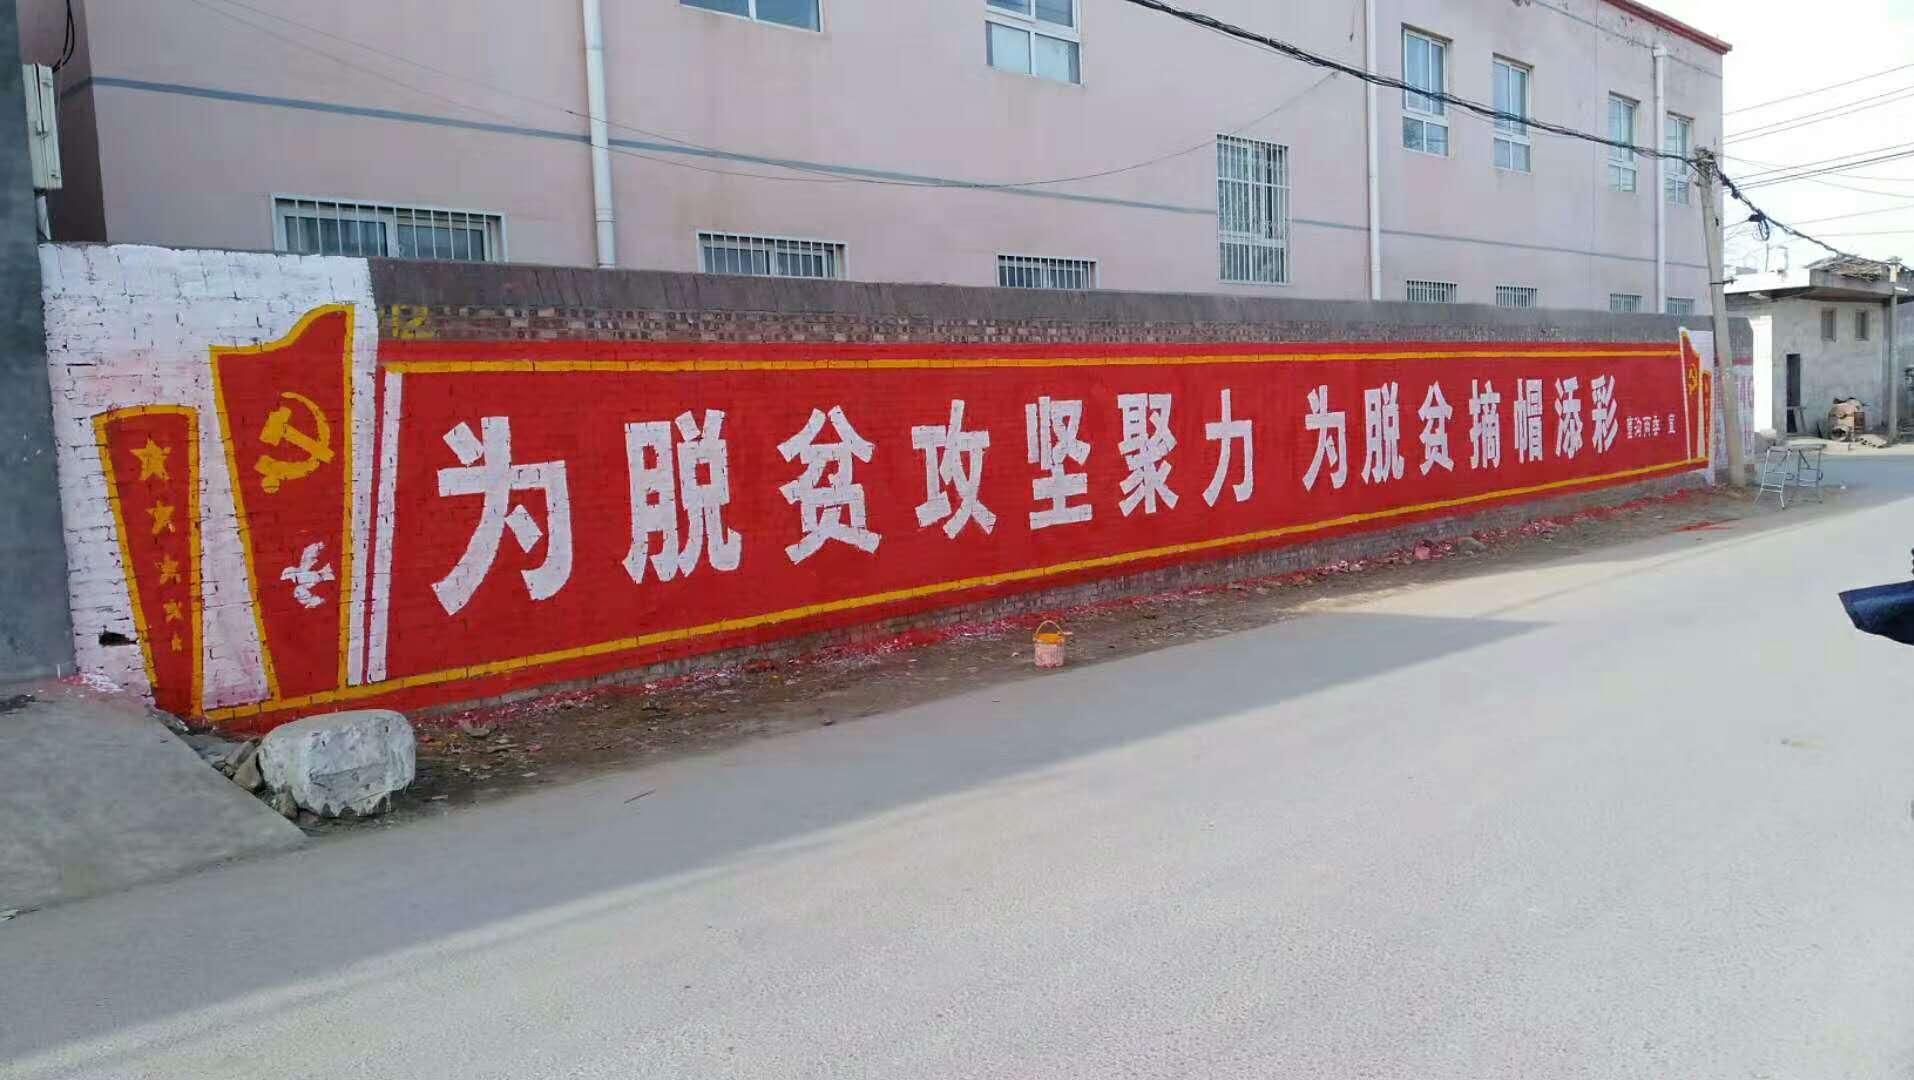 金堂县围墙广告画面简短干练金堂县手绘墙体广告工艺